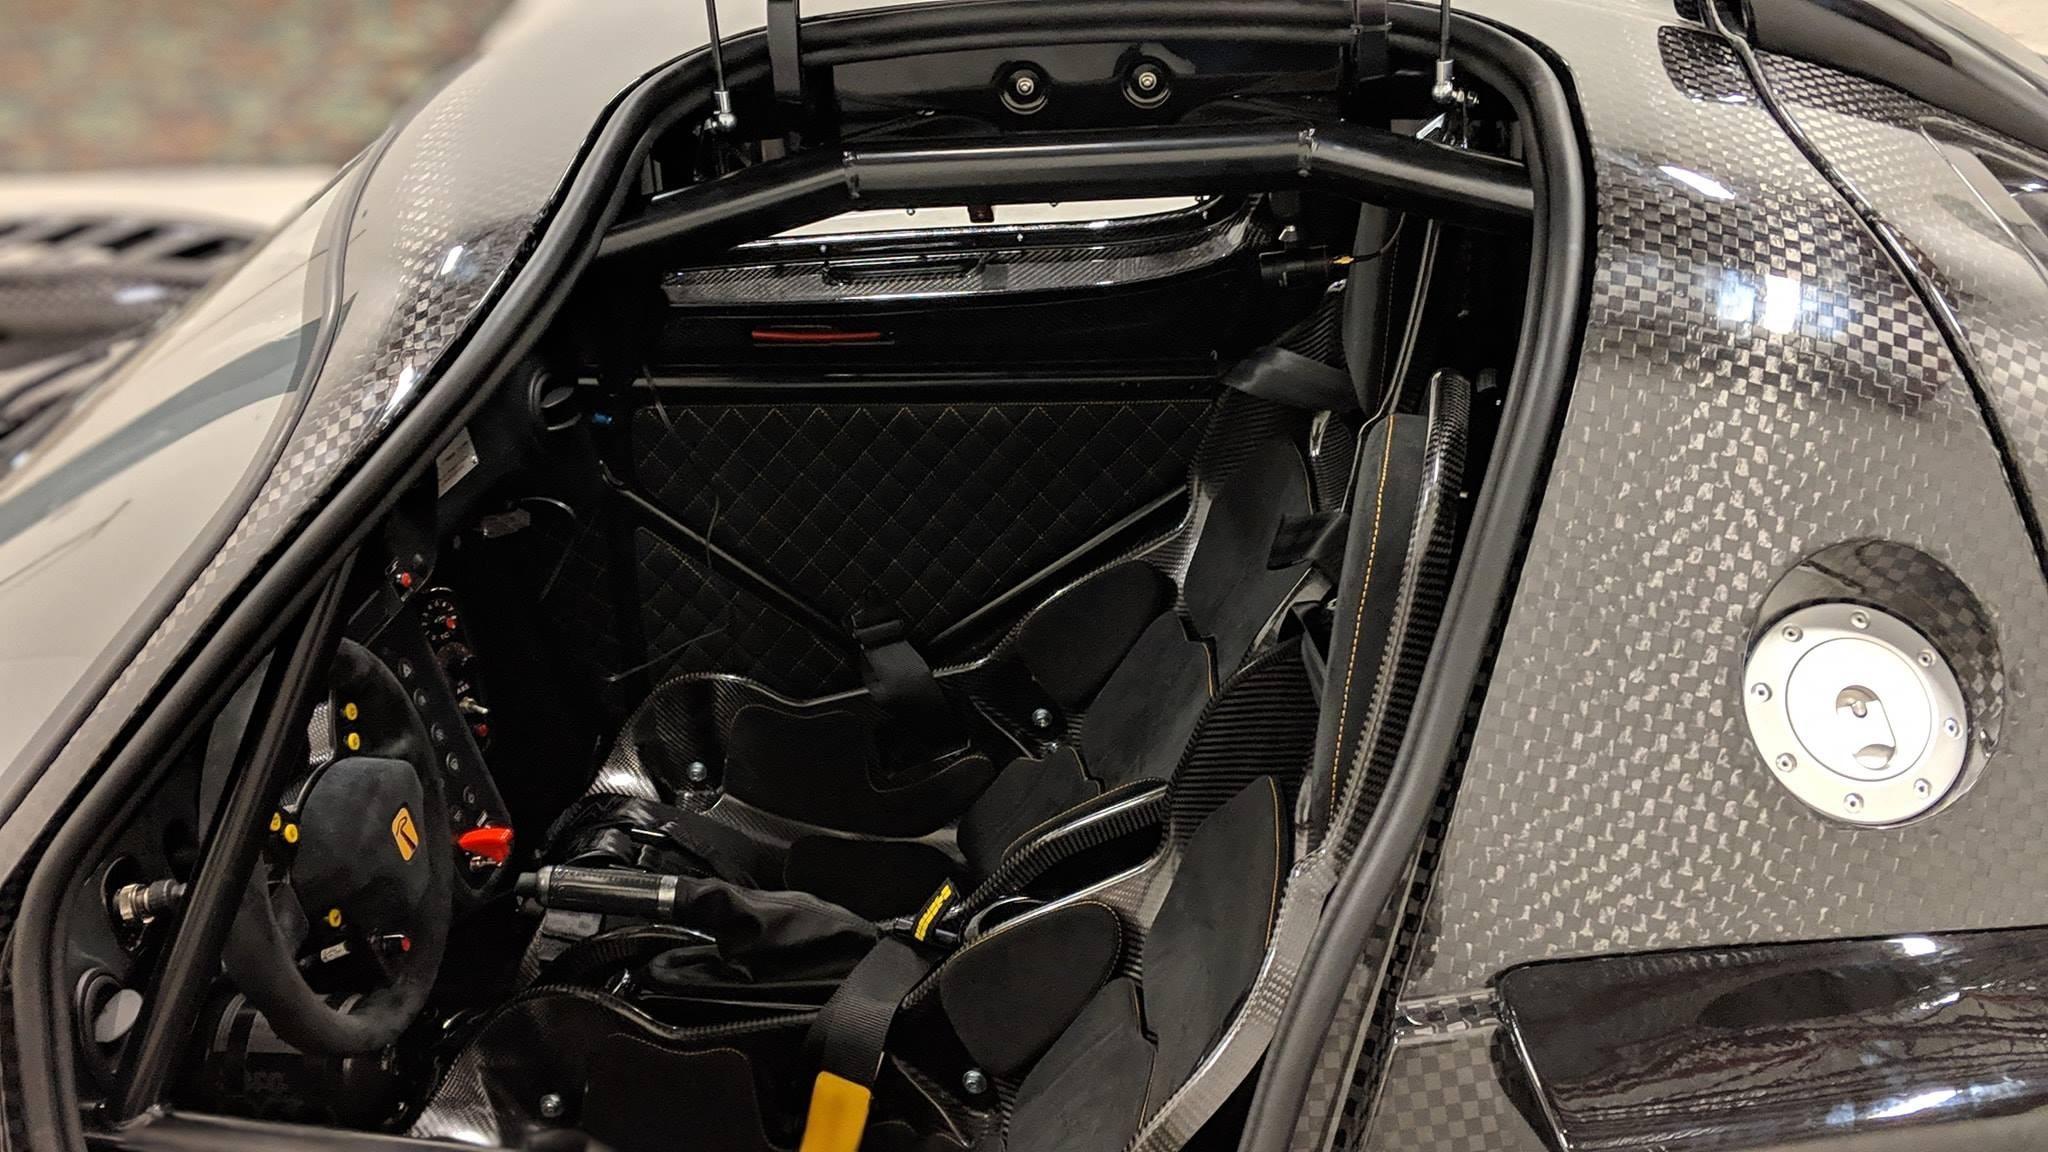 rxc-600-r 3.jpg